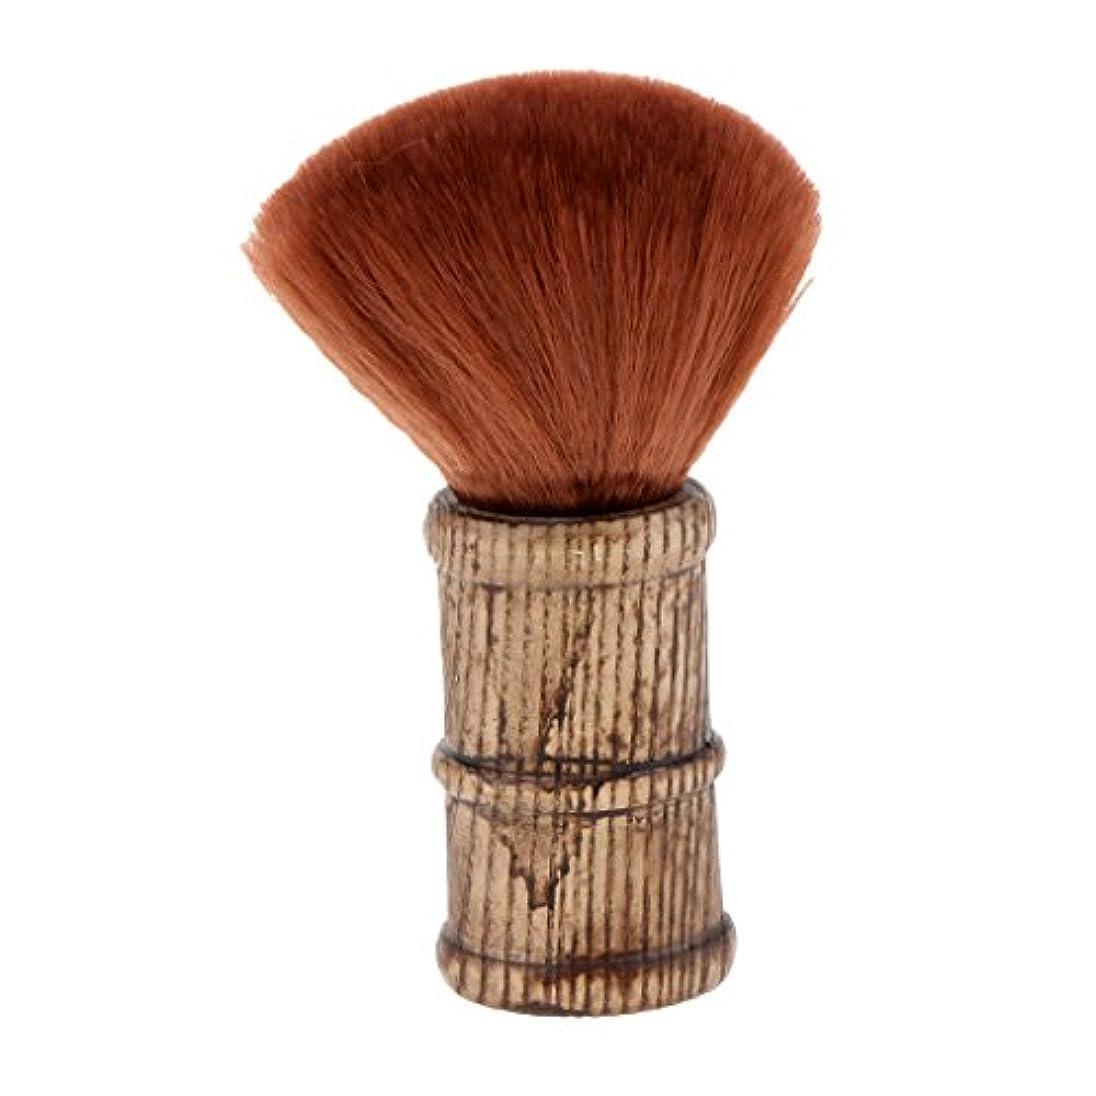 シード信頼性のあるシュリンクヘアカット 散髪 クリーニングヘアブラシ ネックダスターブラシ ヘアスイープブラシ 2色選べる - 褐色